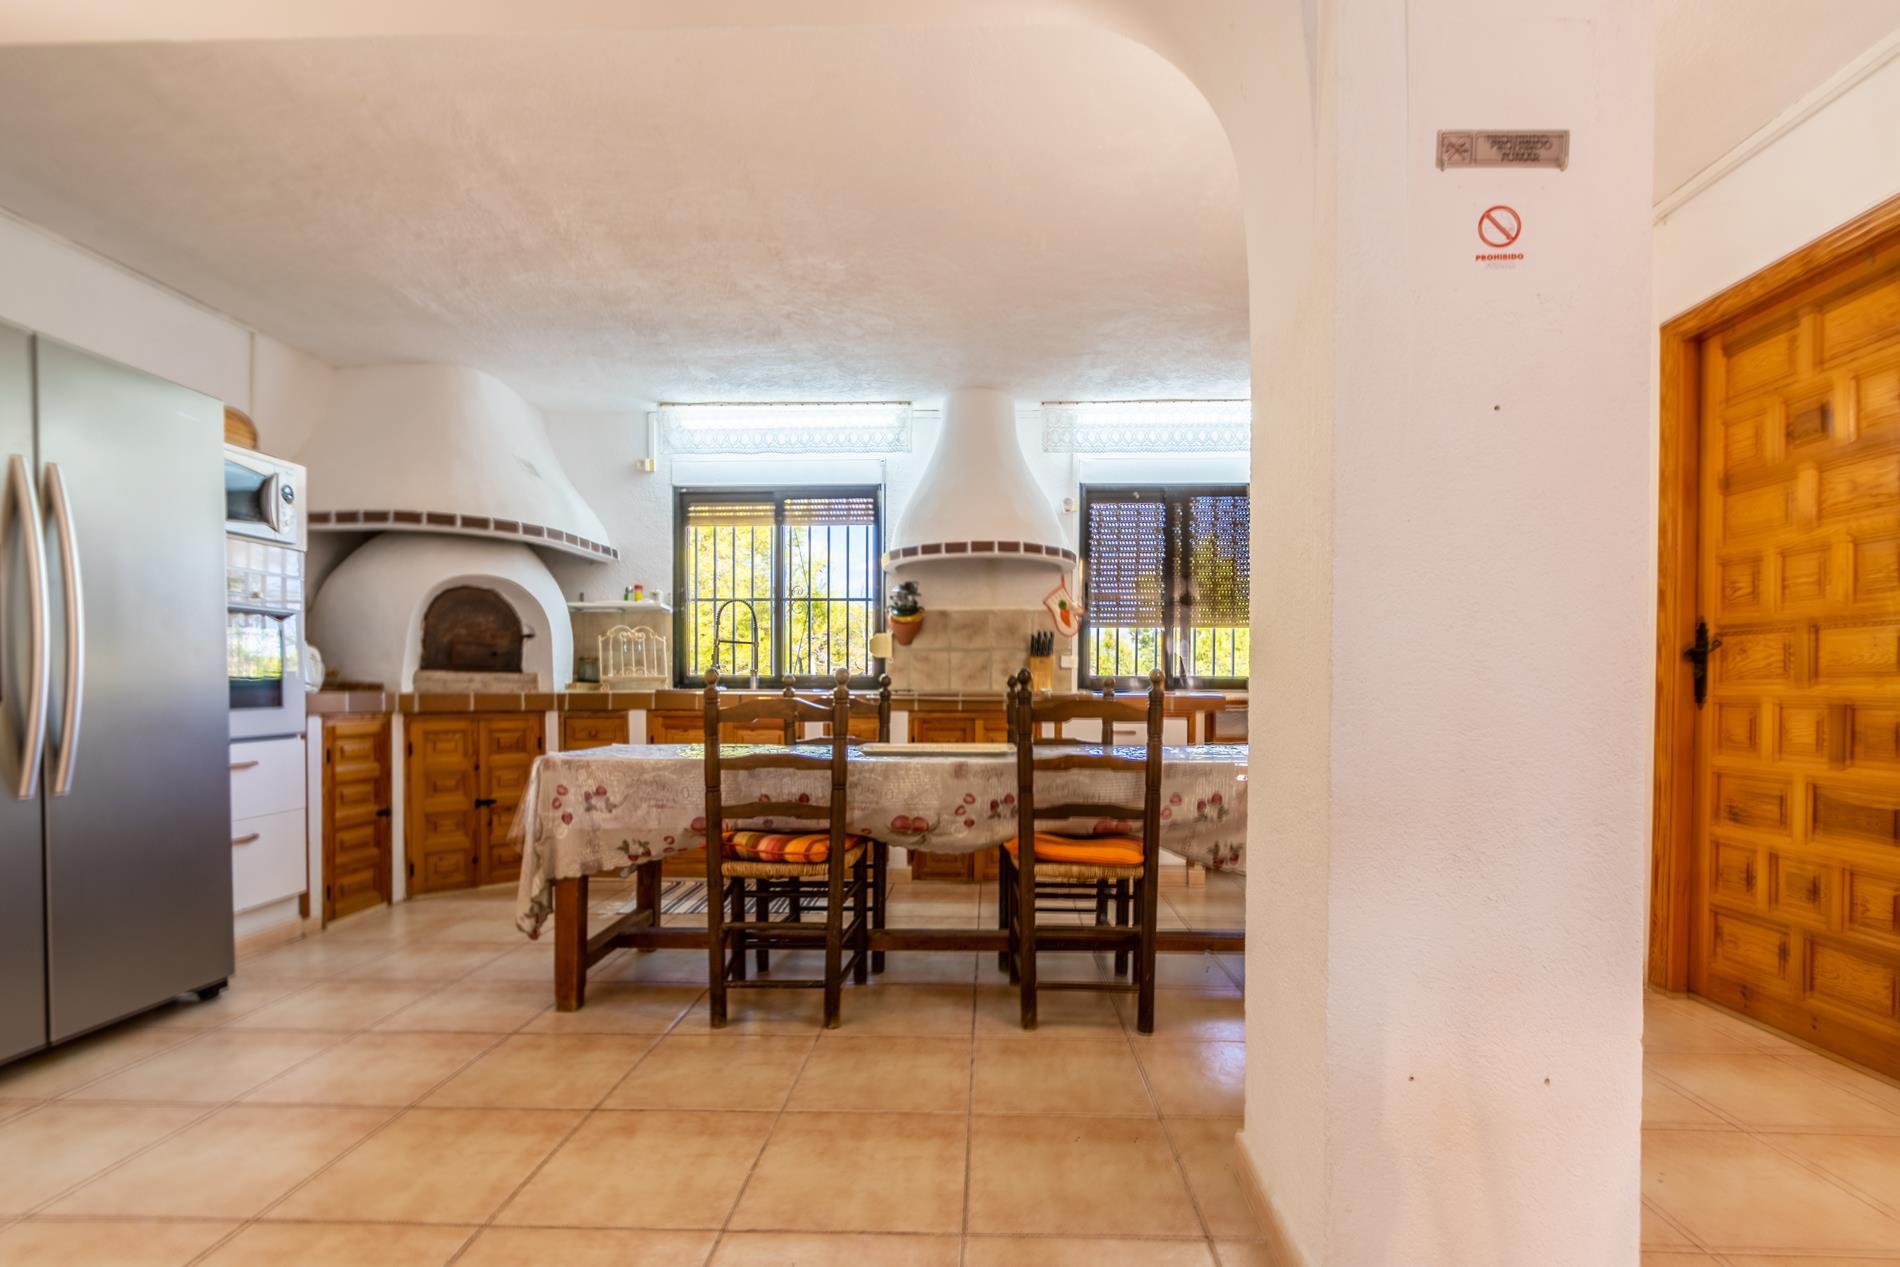 Chalet   Villa en venta en Finestrat